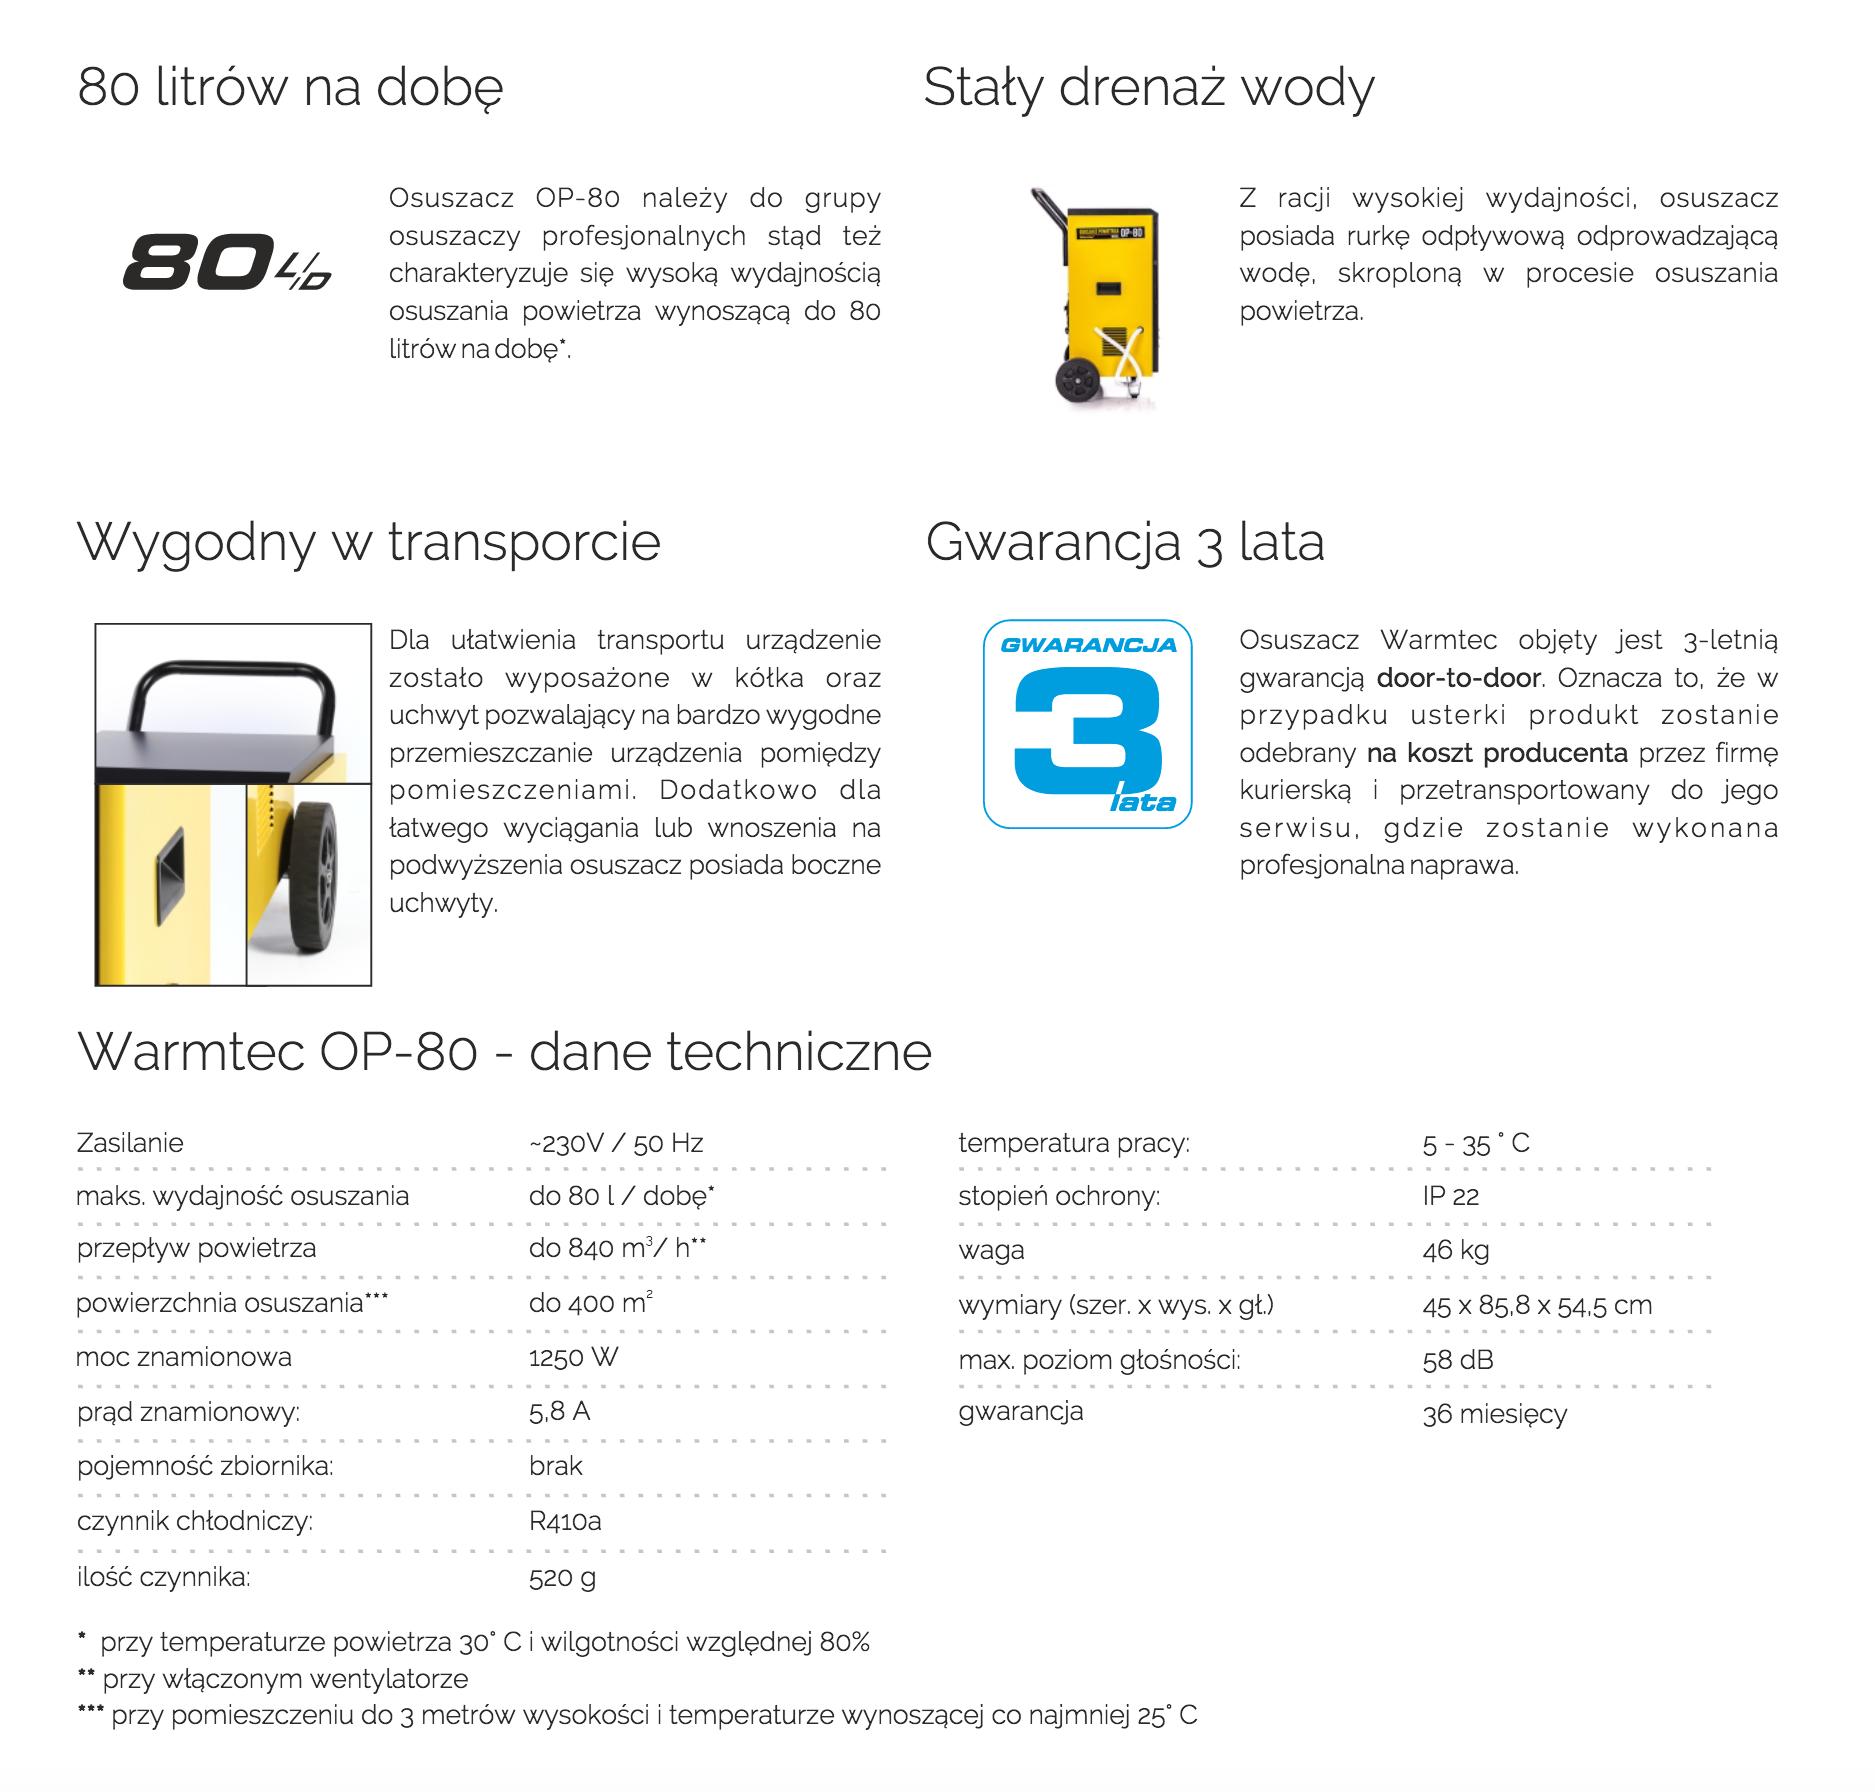 WARMTEC OP-80 specyfikacja